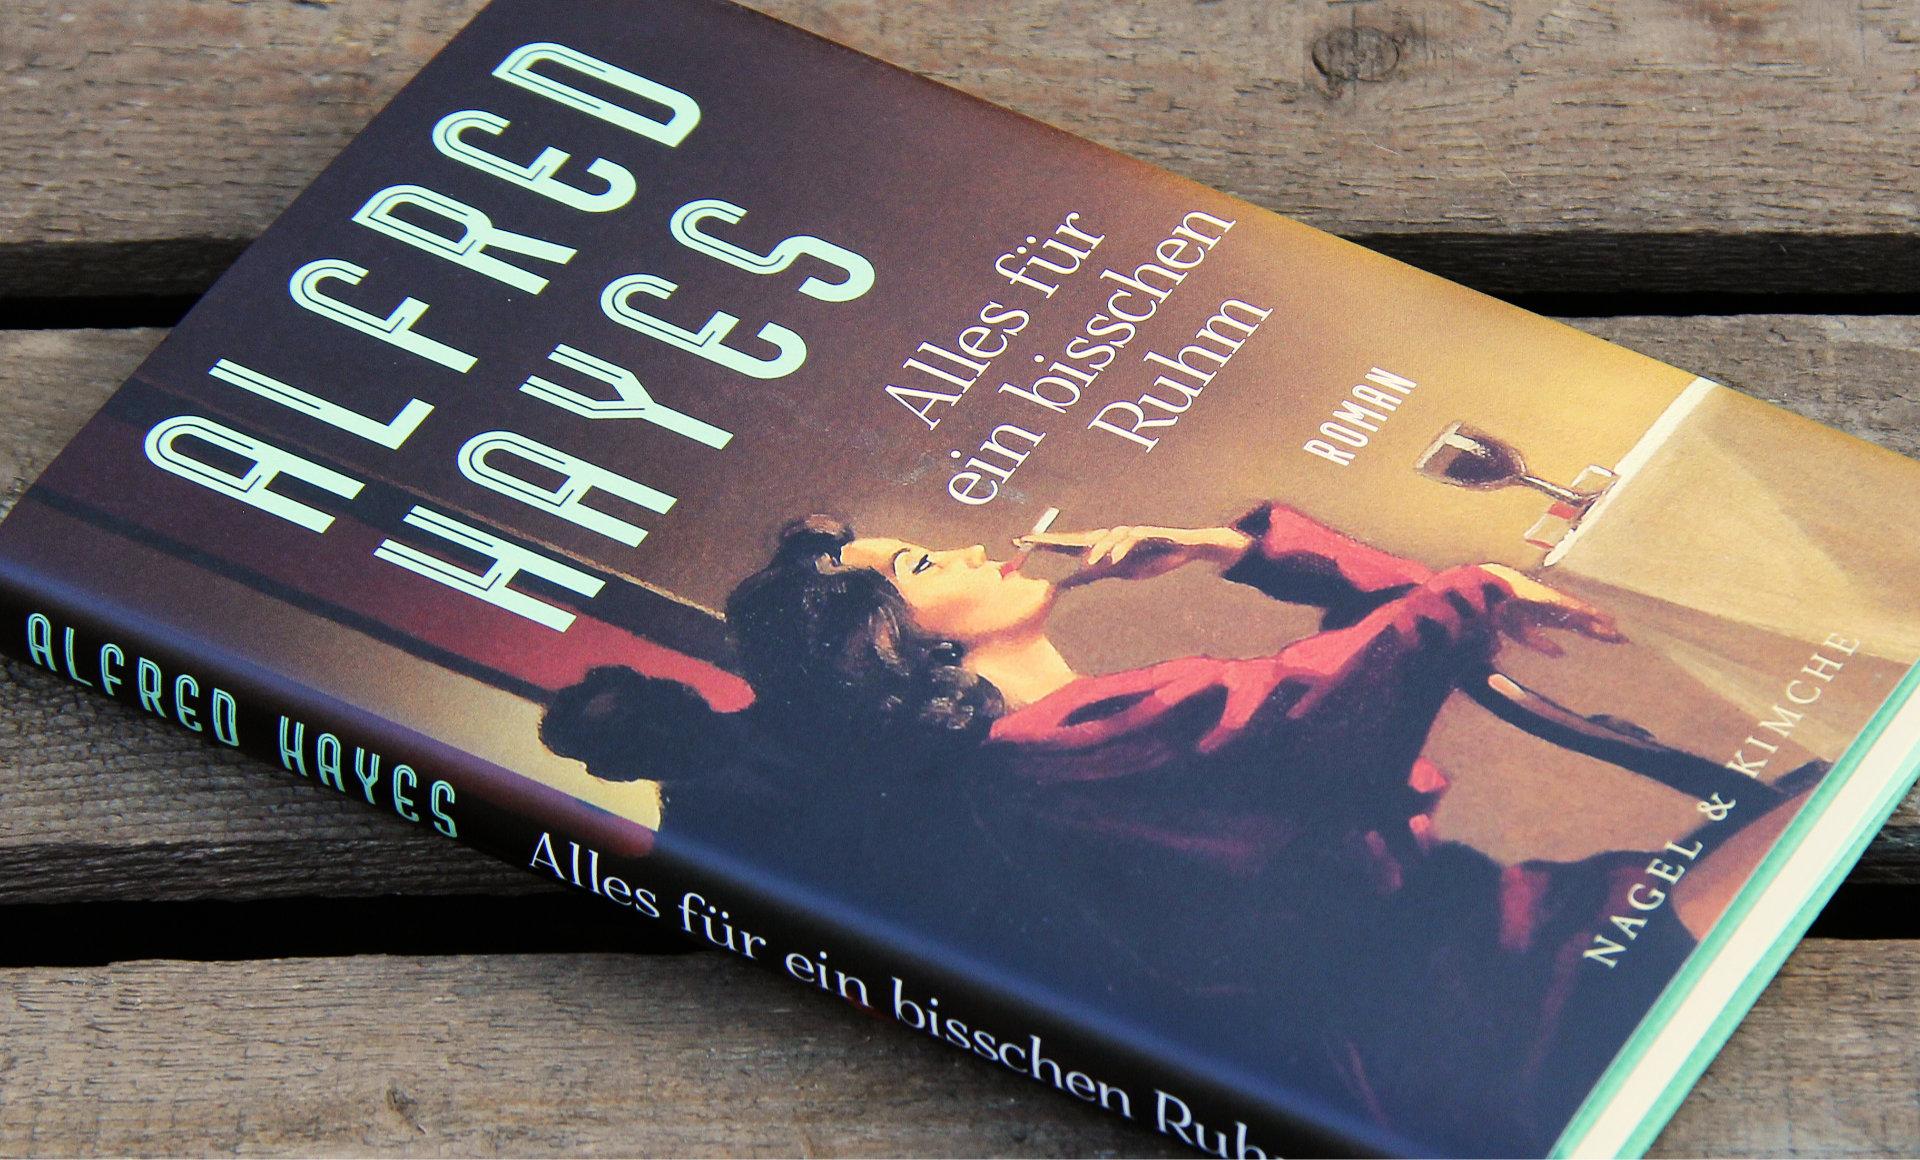 Alles für ein bisschen Ruhm • Alfred Hayes